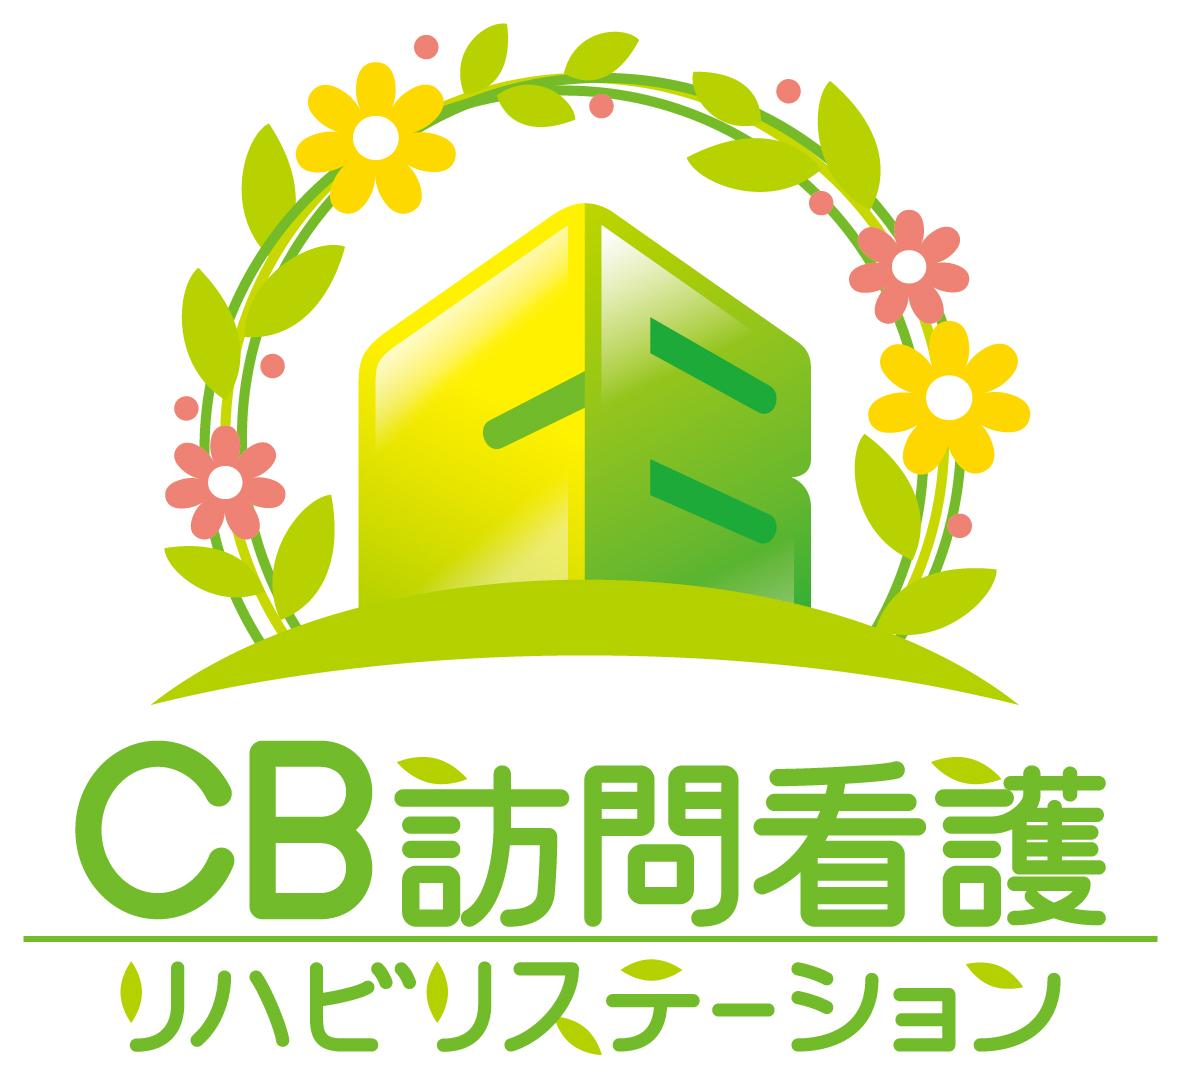 介護/福祉と親しみ/優しいと緑のロゴ